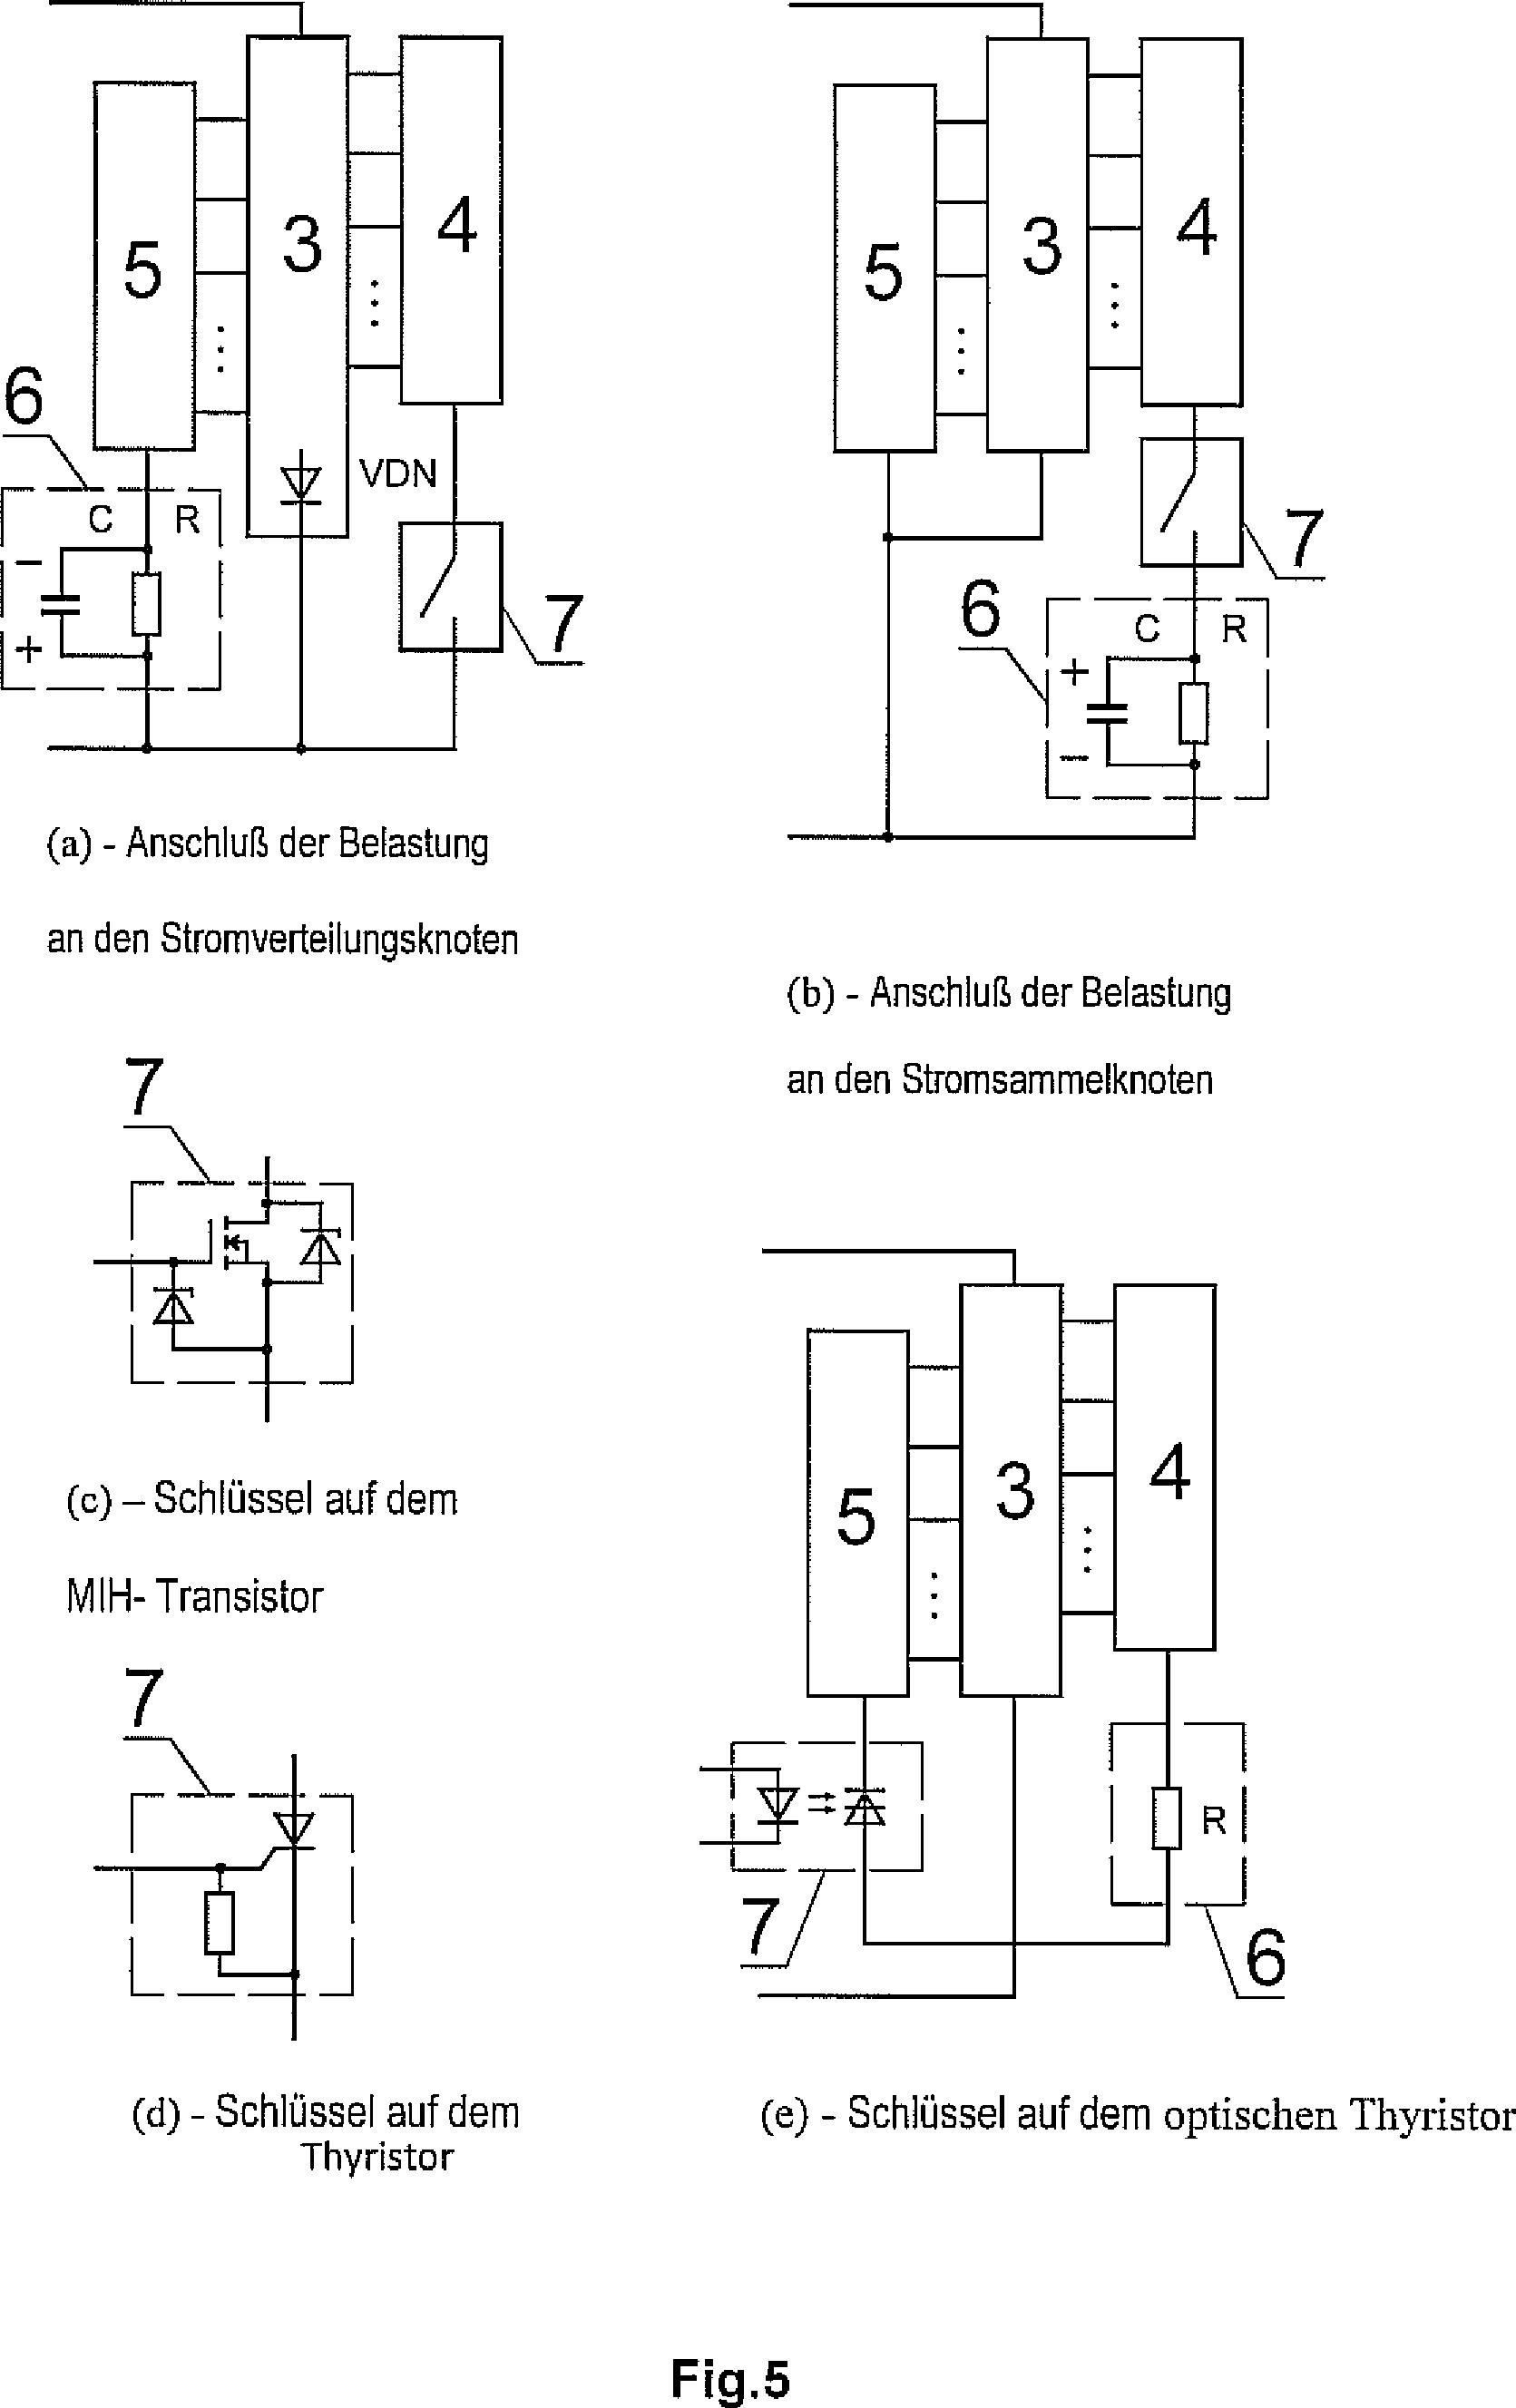 Ziemlich Einpoliges Schaltschema Galerie - Der Schaltplan - greigo.com